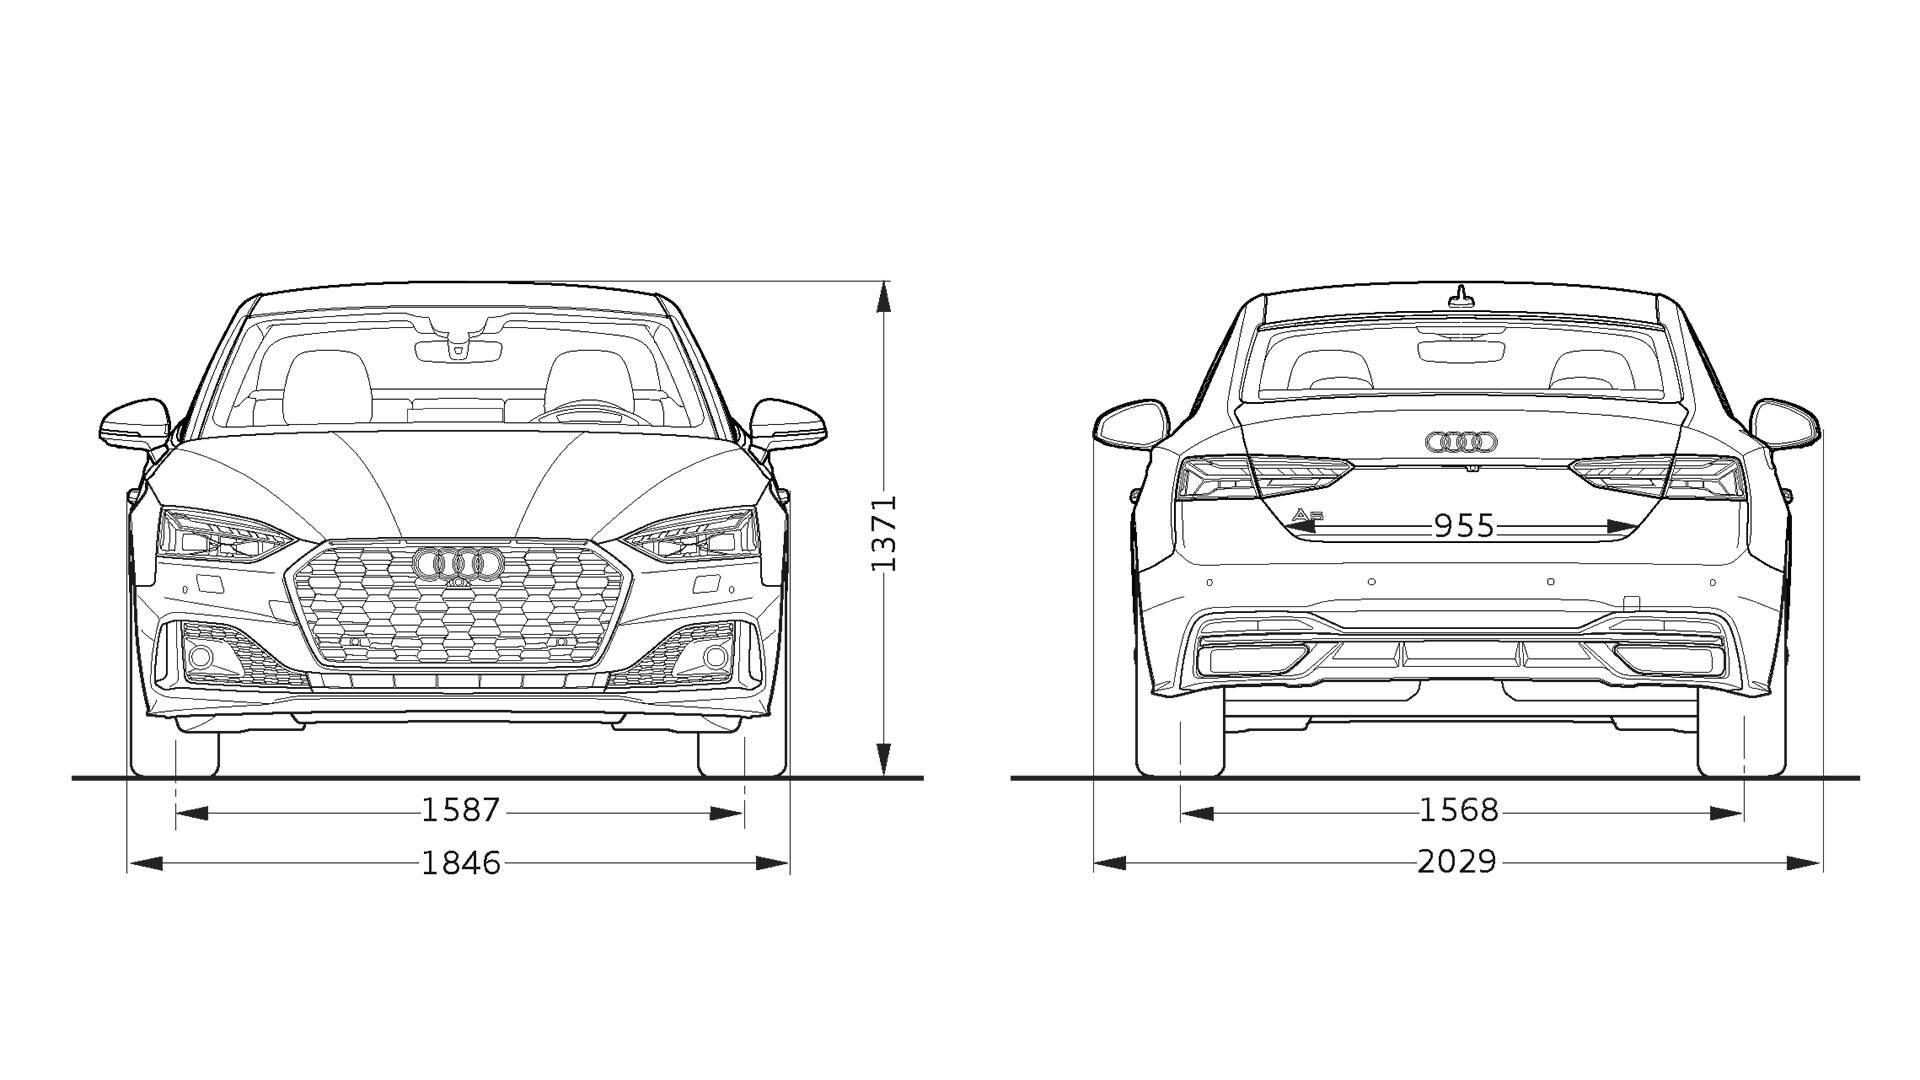 Abmessungen A5 Coupe A5 Audi Trinidad Tobago